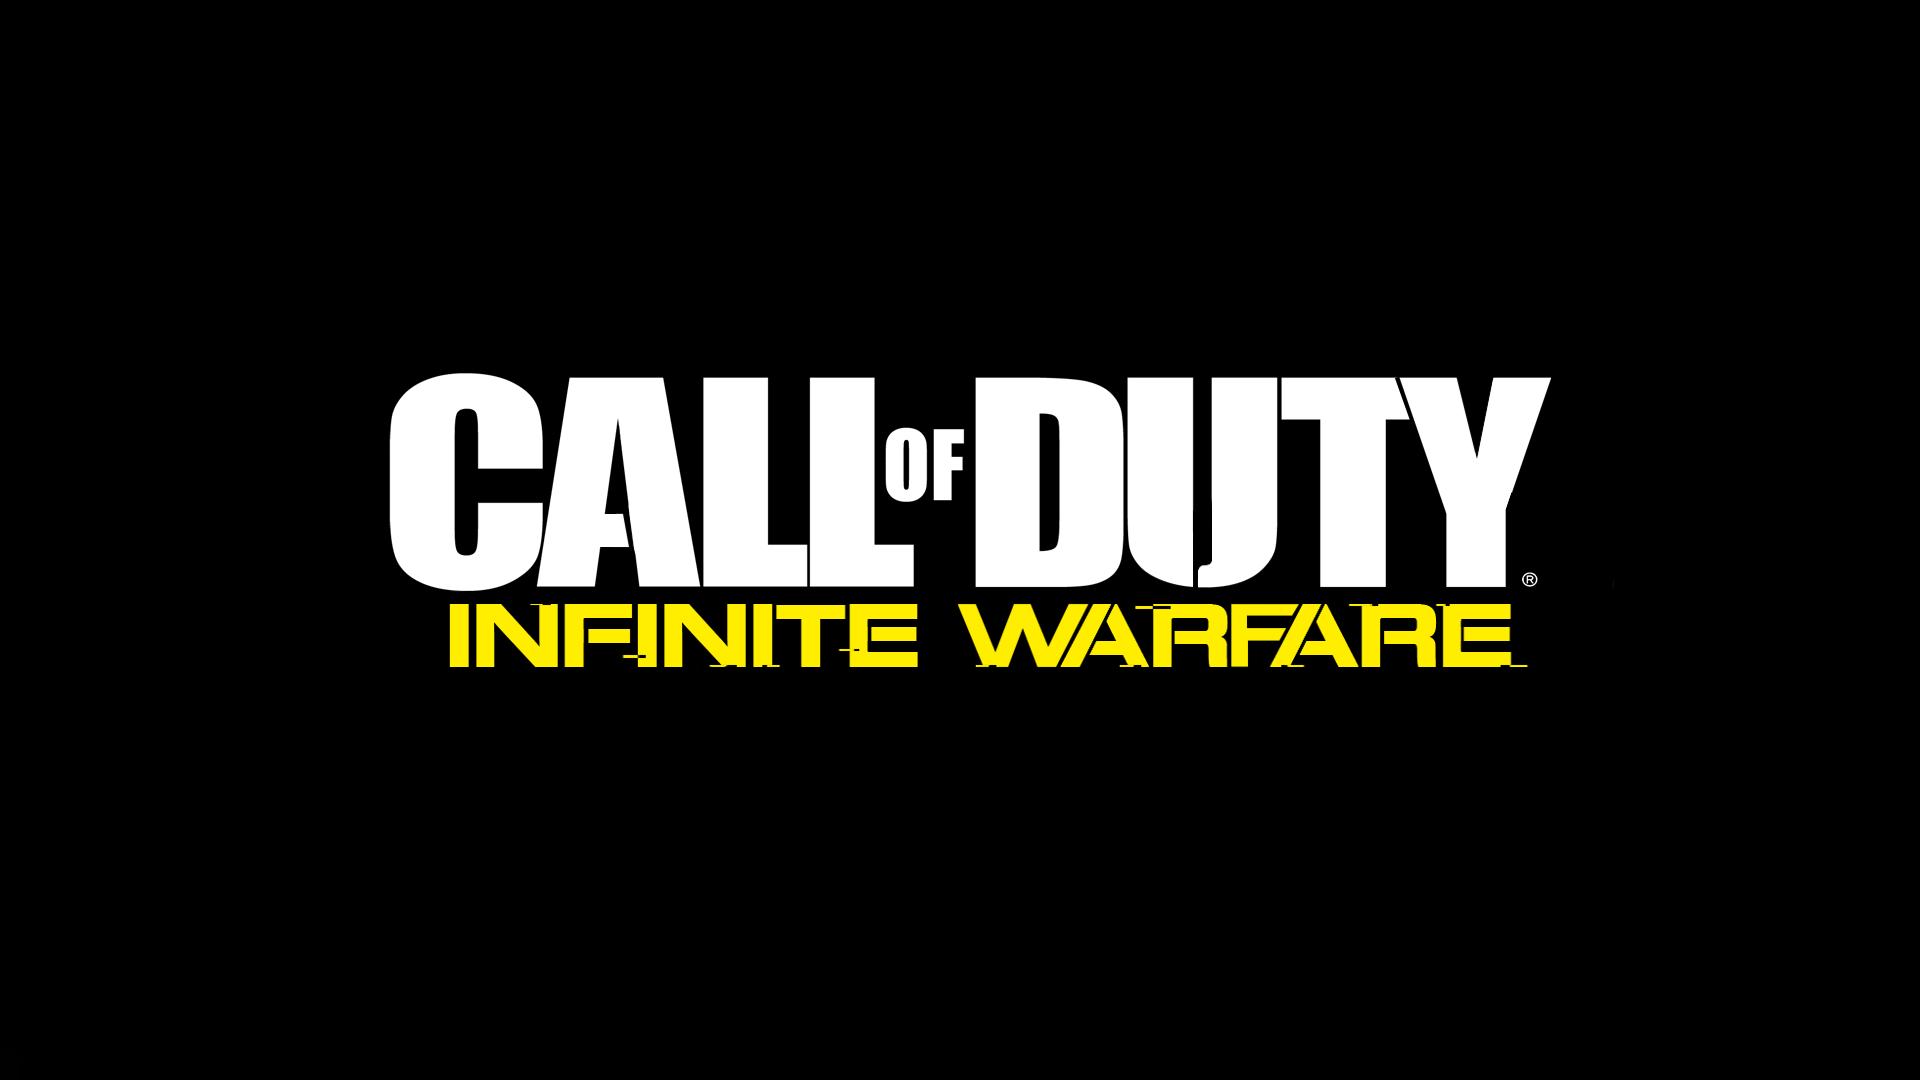 Call Of Duty Infinite Warfare Desktop